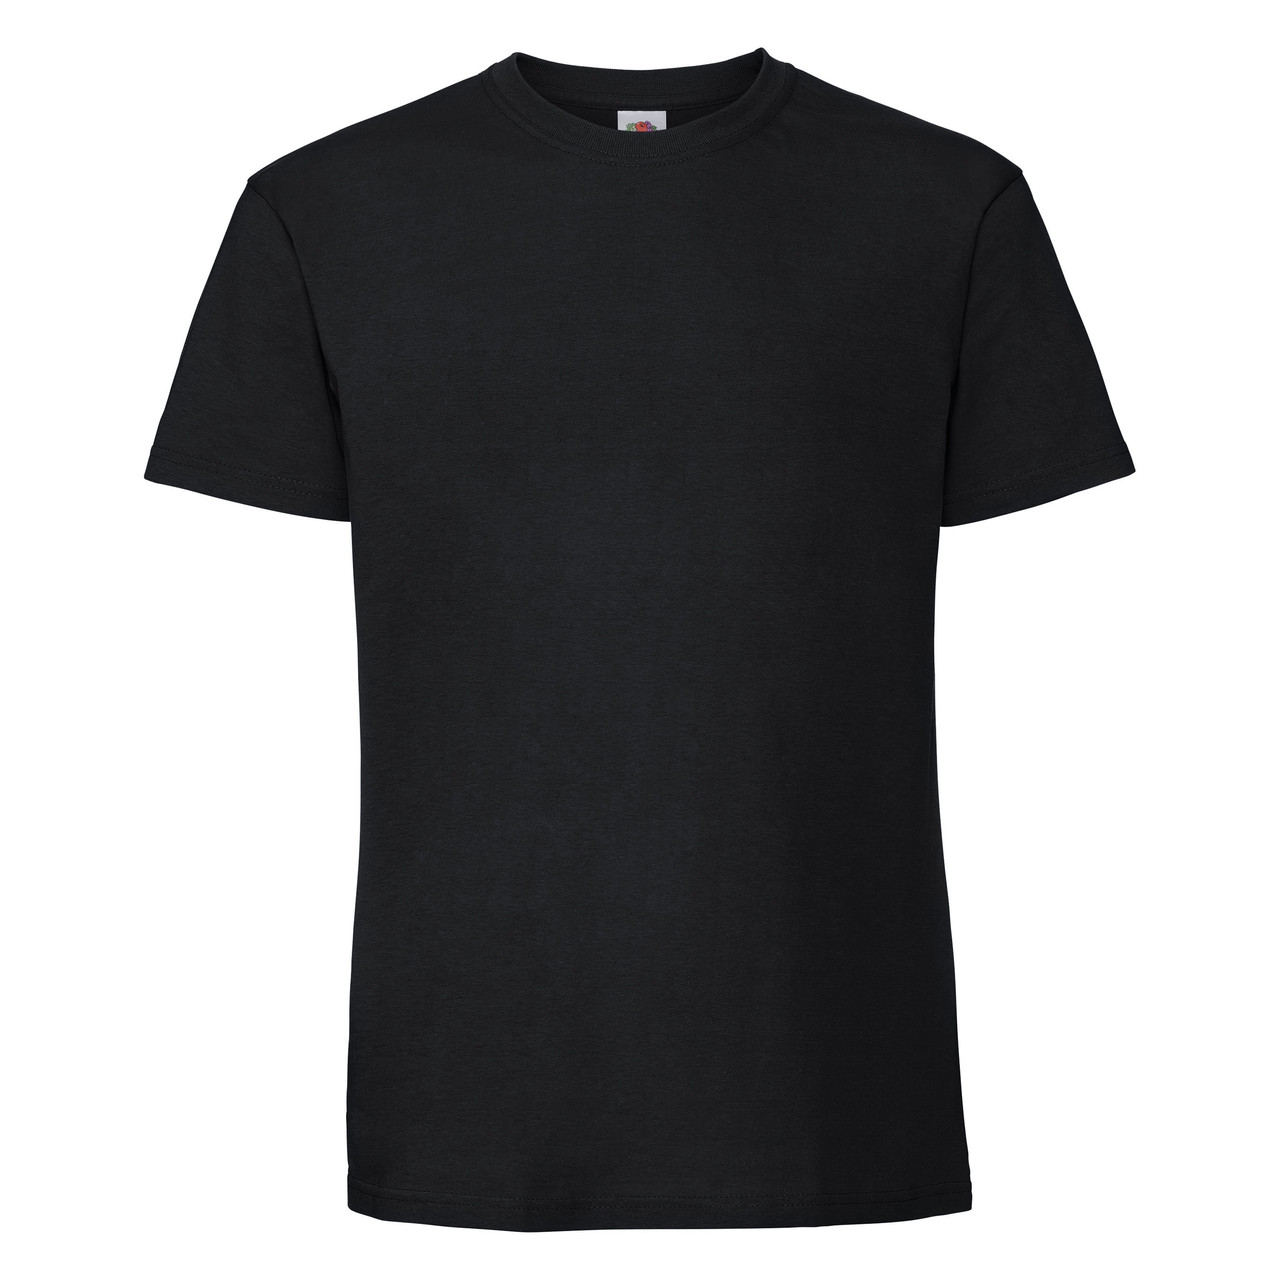 Мужская футболка плотная мягкая Чёрная Fruit of the loom 61-422-36 4XL